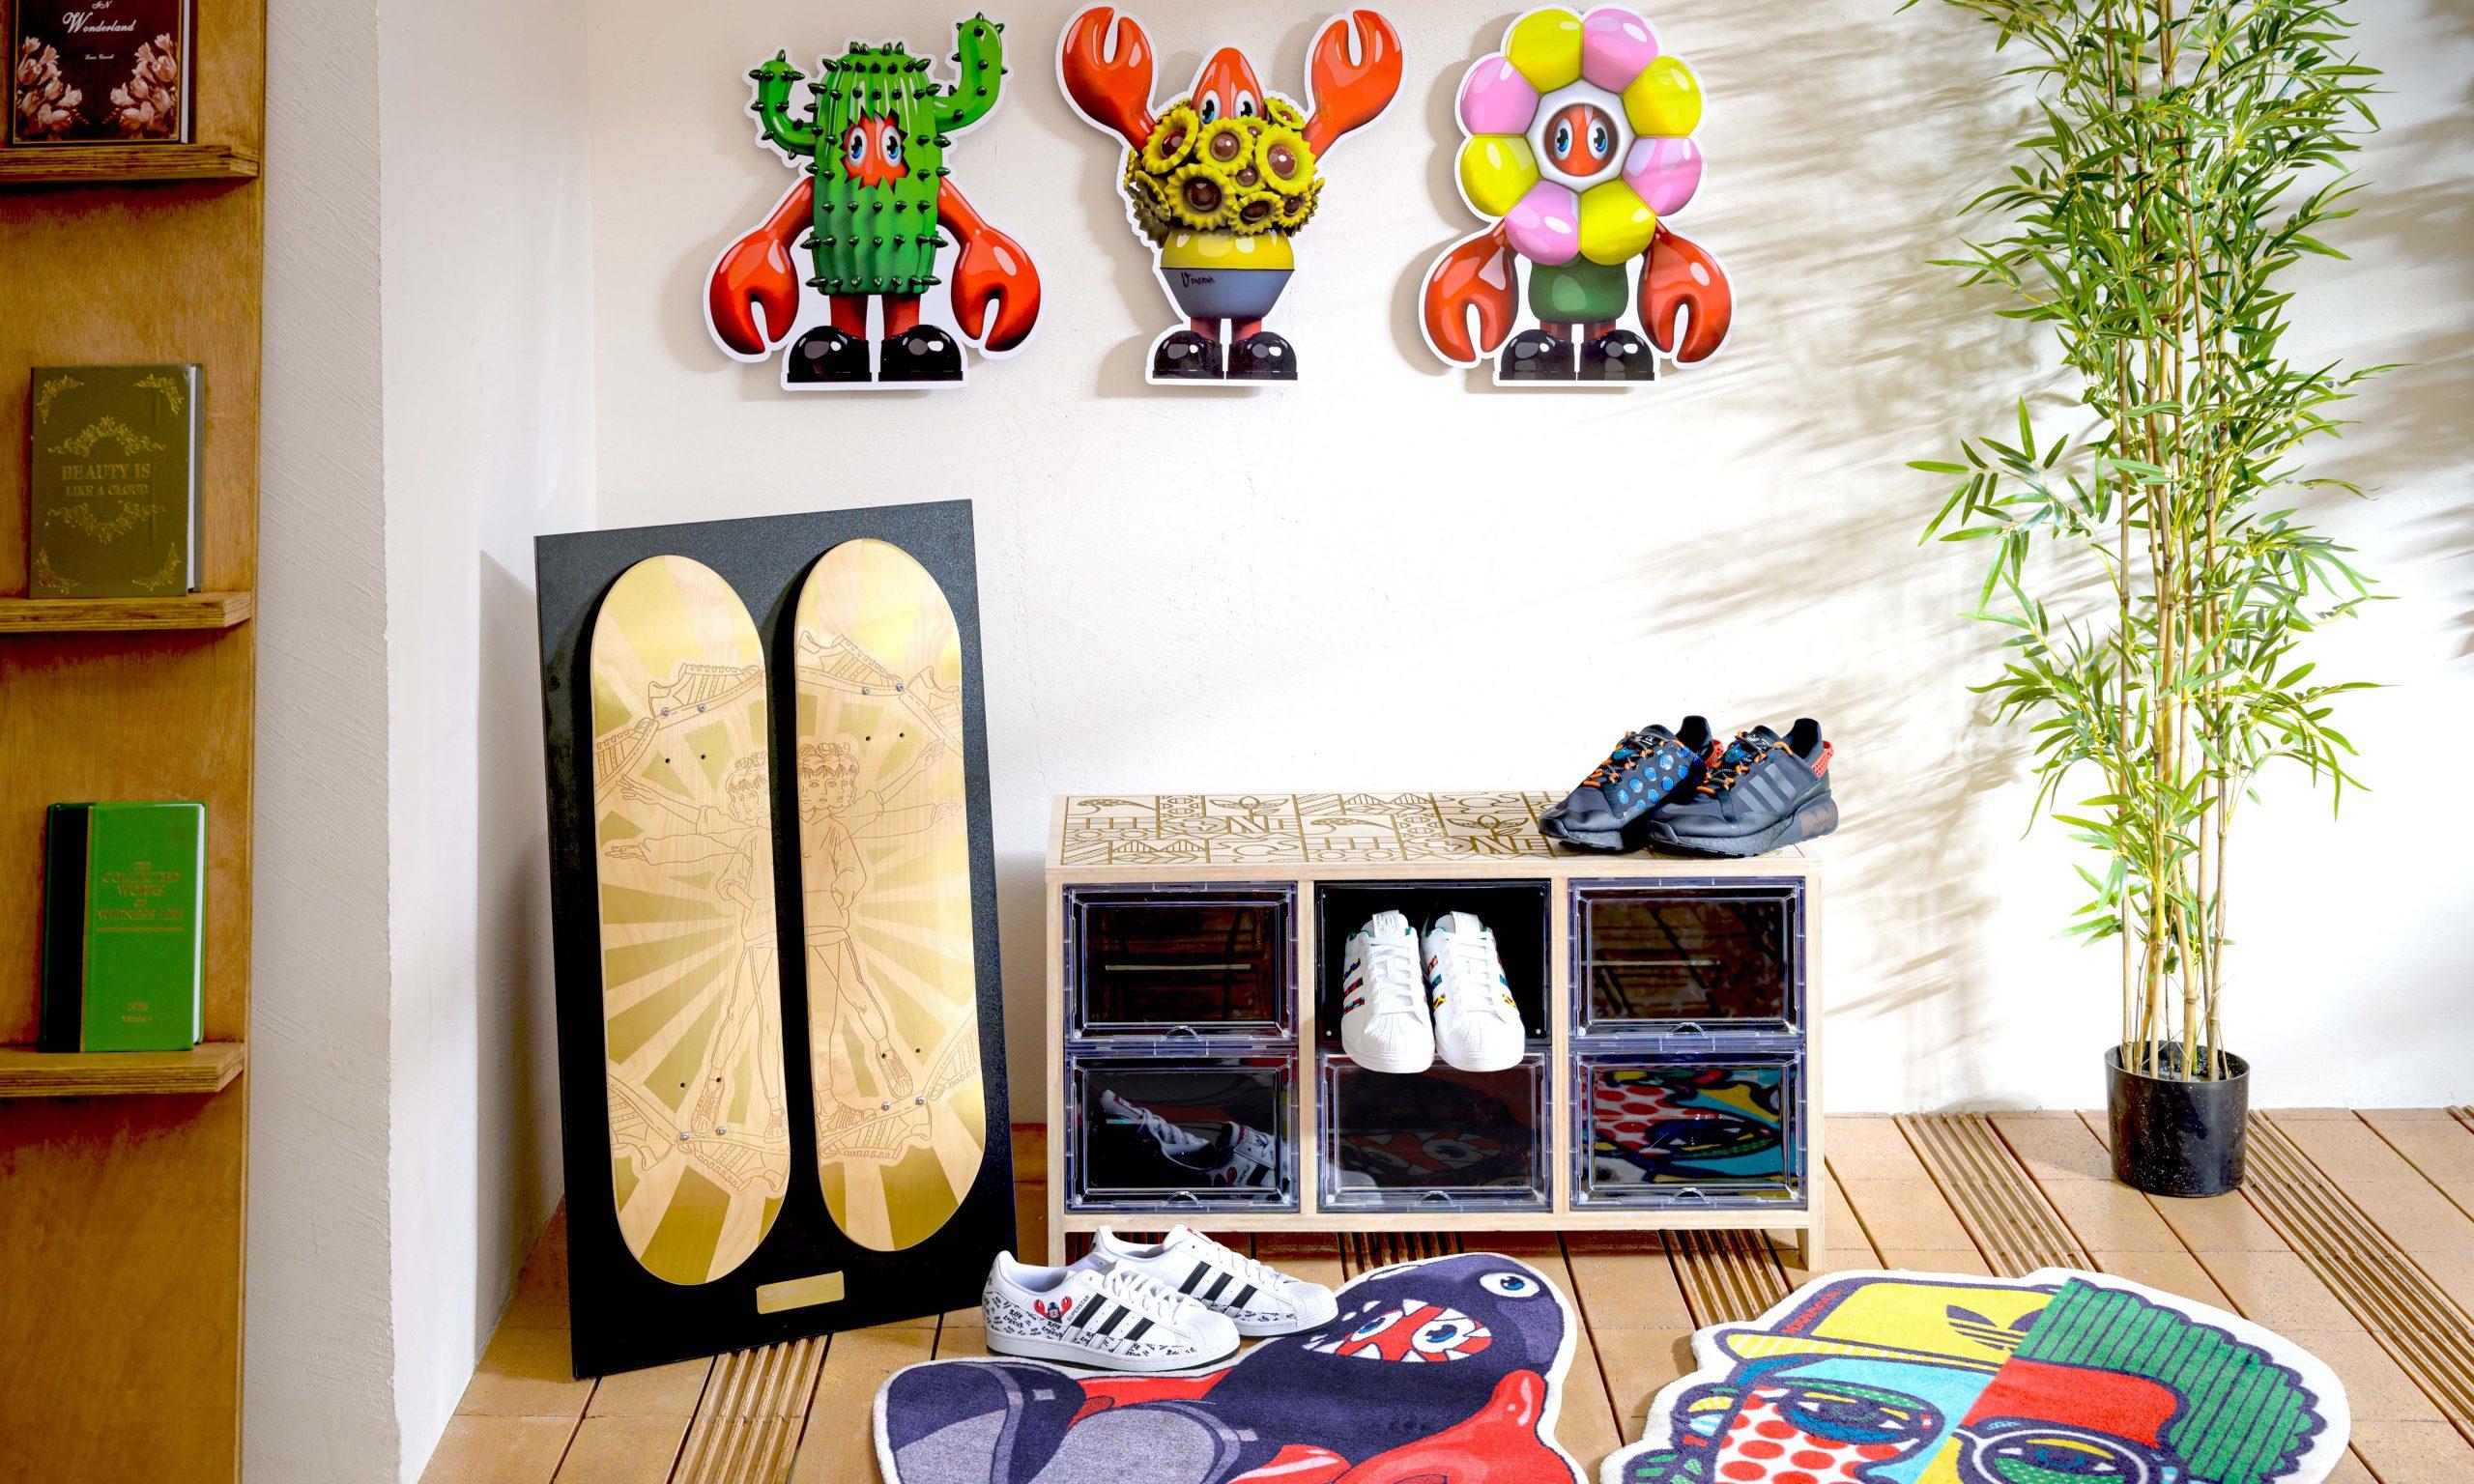 如何用 adidas Originals 联名家具装饰房间?